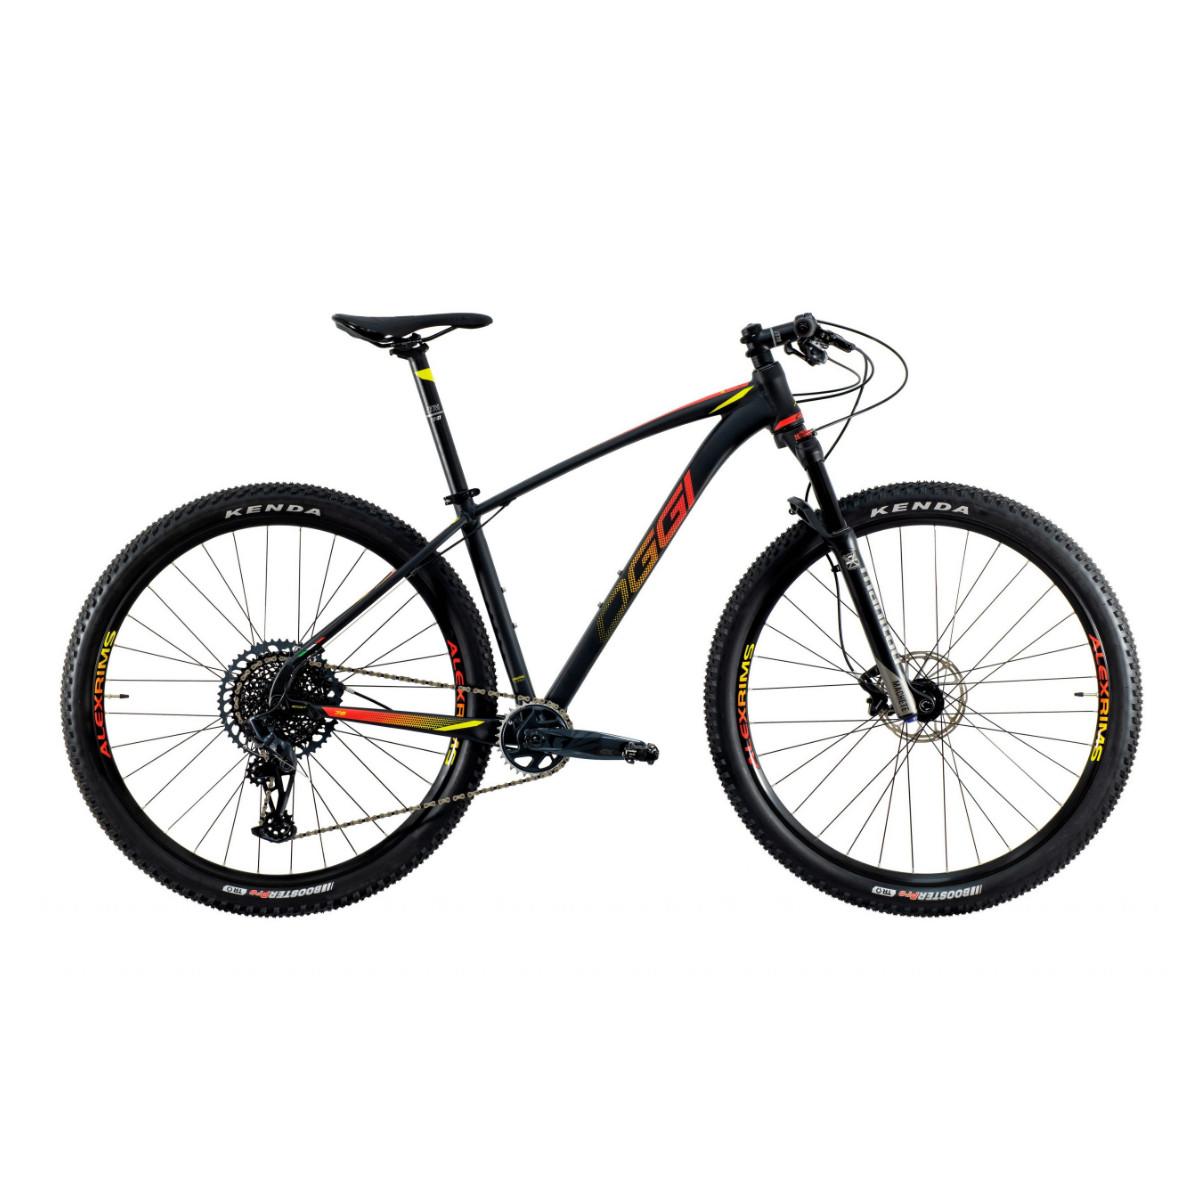 Bicicleta Oggi Big Wheel 7.6 GX 12V 2021 -  Preto Vermelho e Amarelo